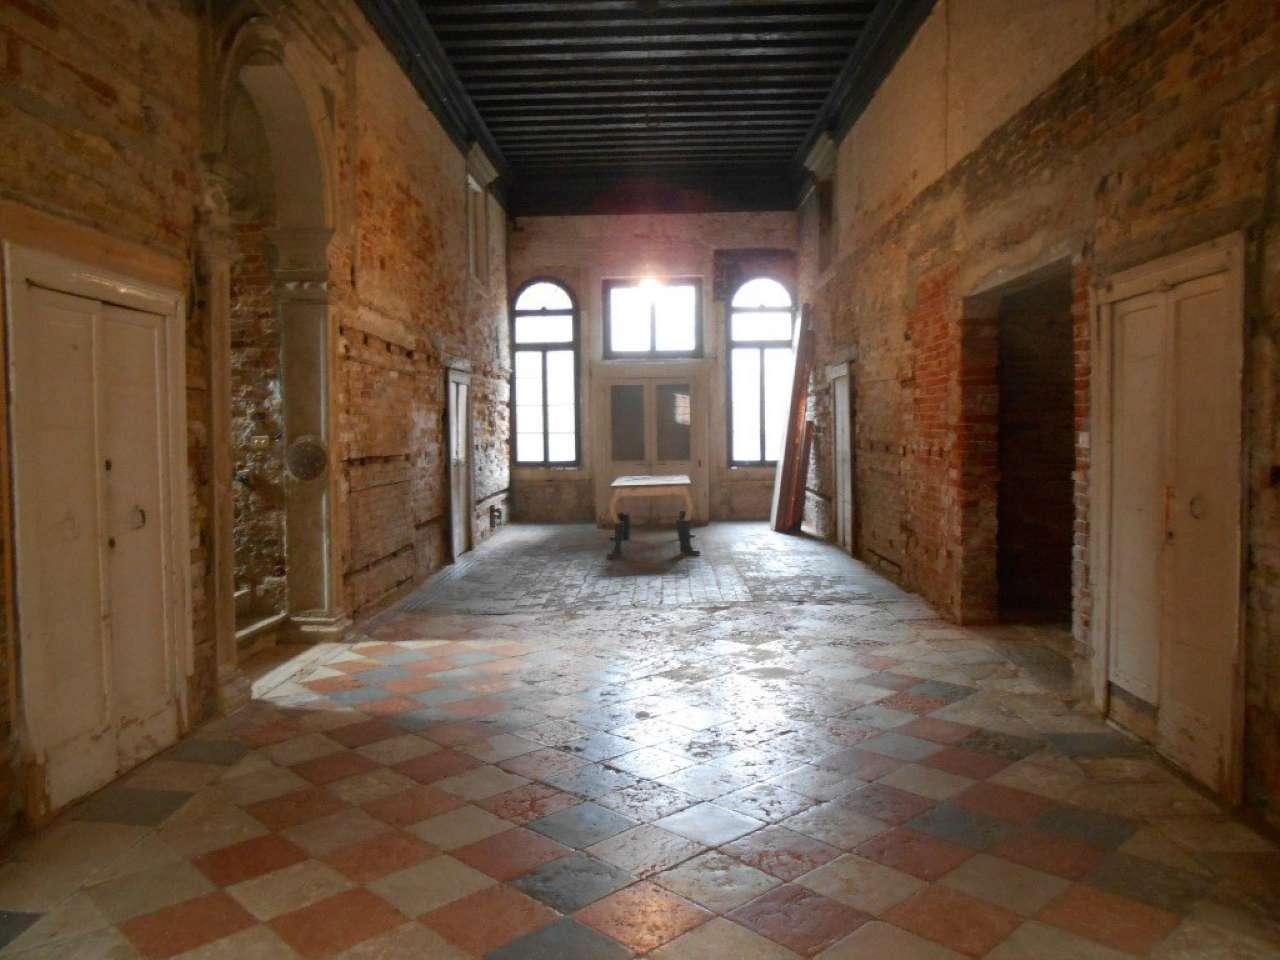 Magazzino in affitto a Venezia, 1 locali, zona Zona: 3 . Cannaregio, prezzo € 400 | CambioCasa.it